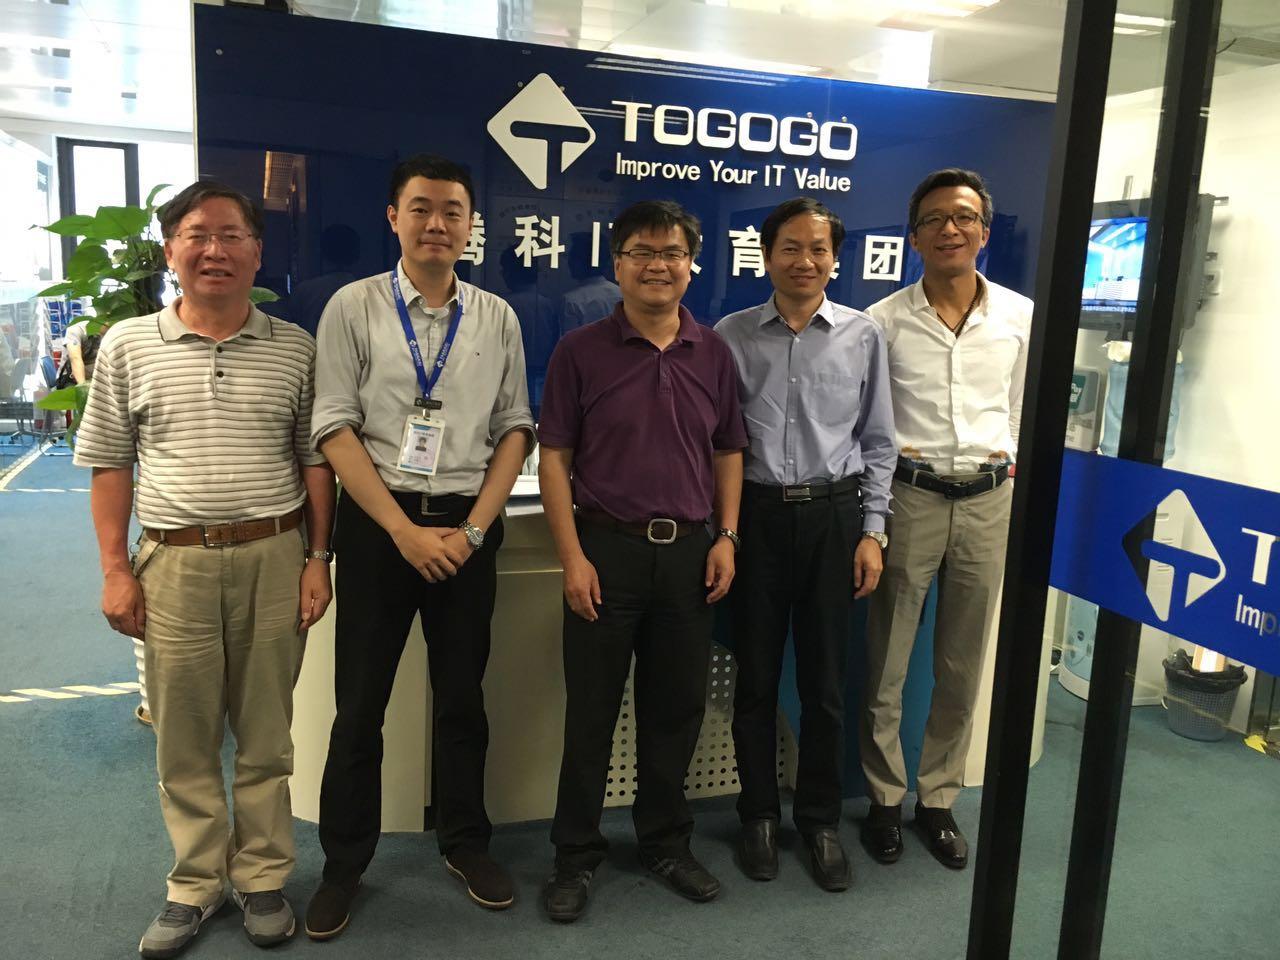 上海大学计算机学院李青、张博锋院长莅临腾科参观交流